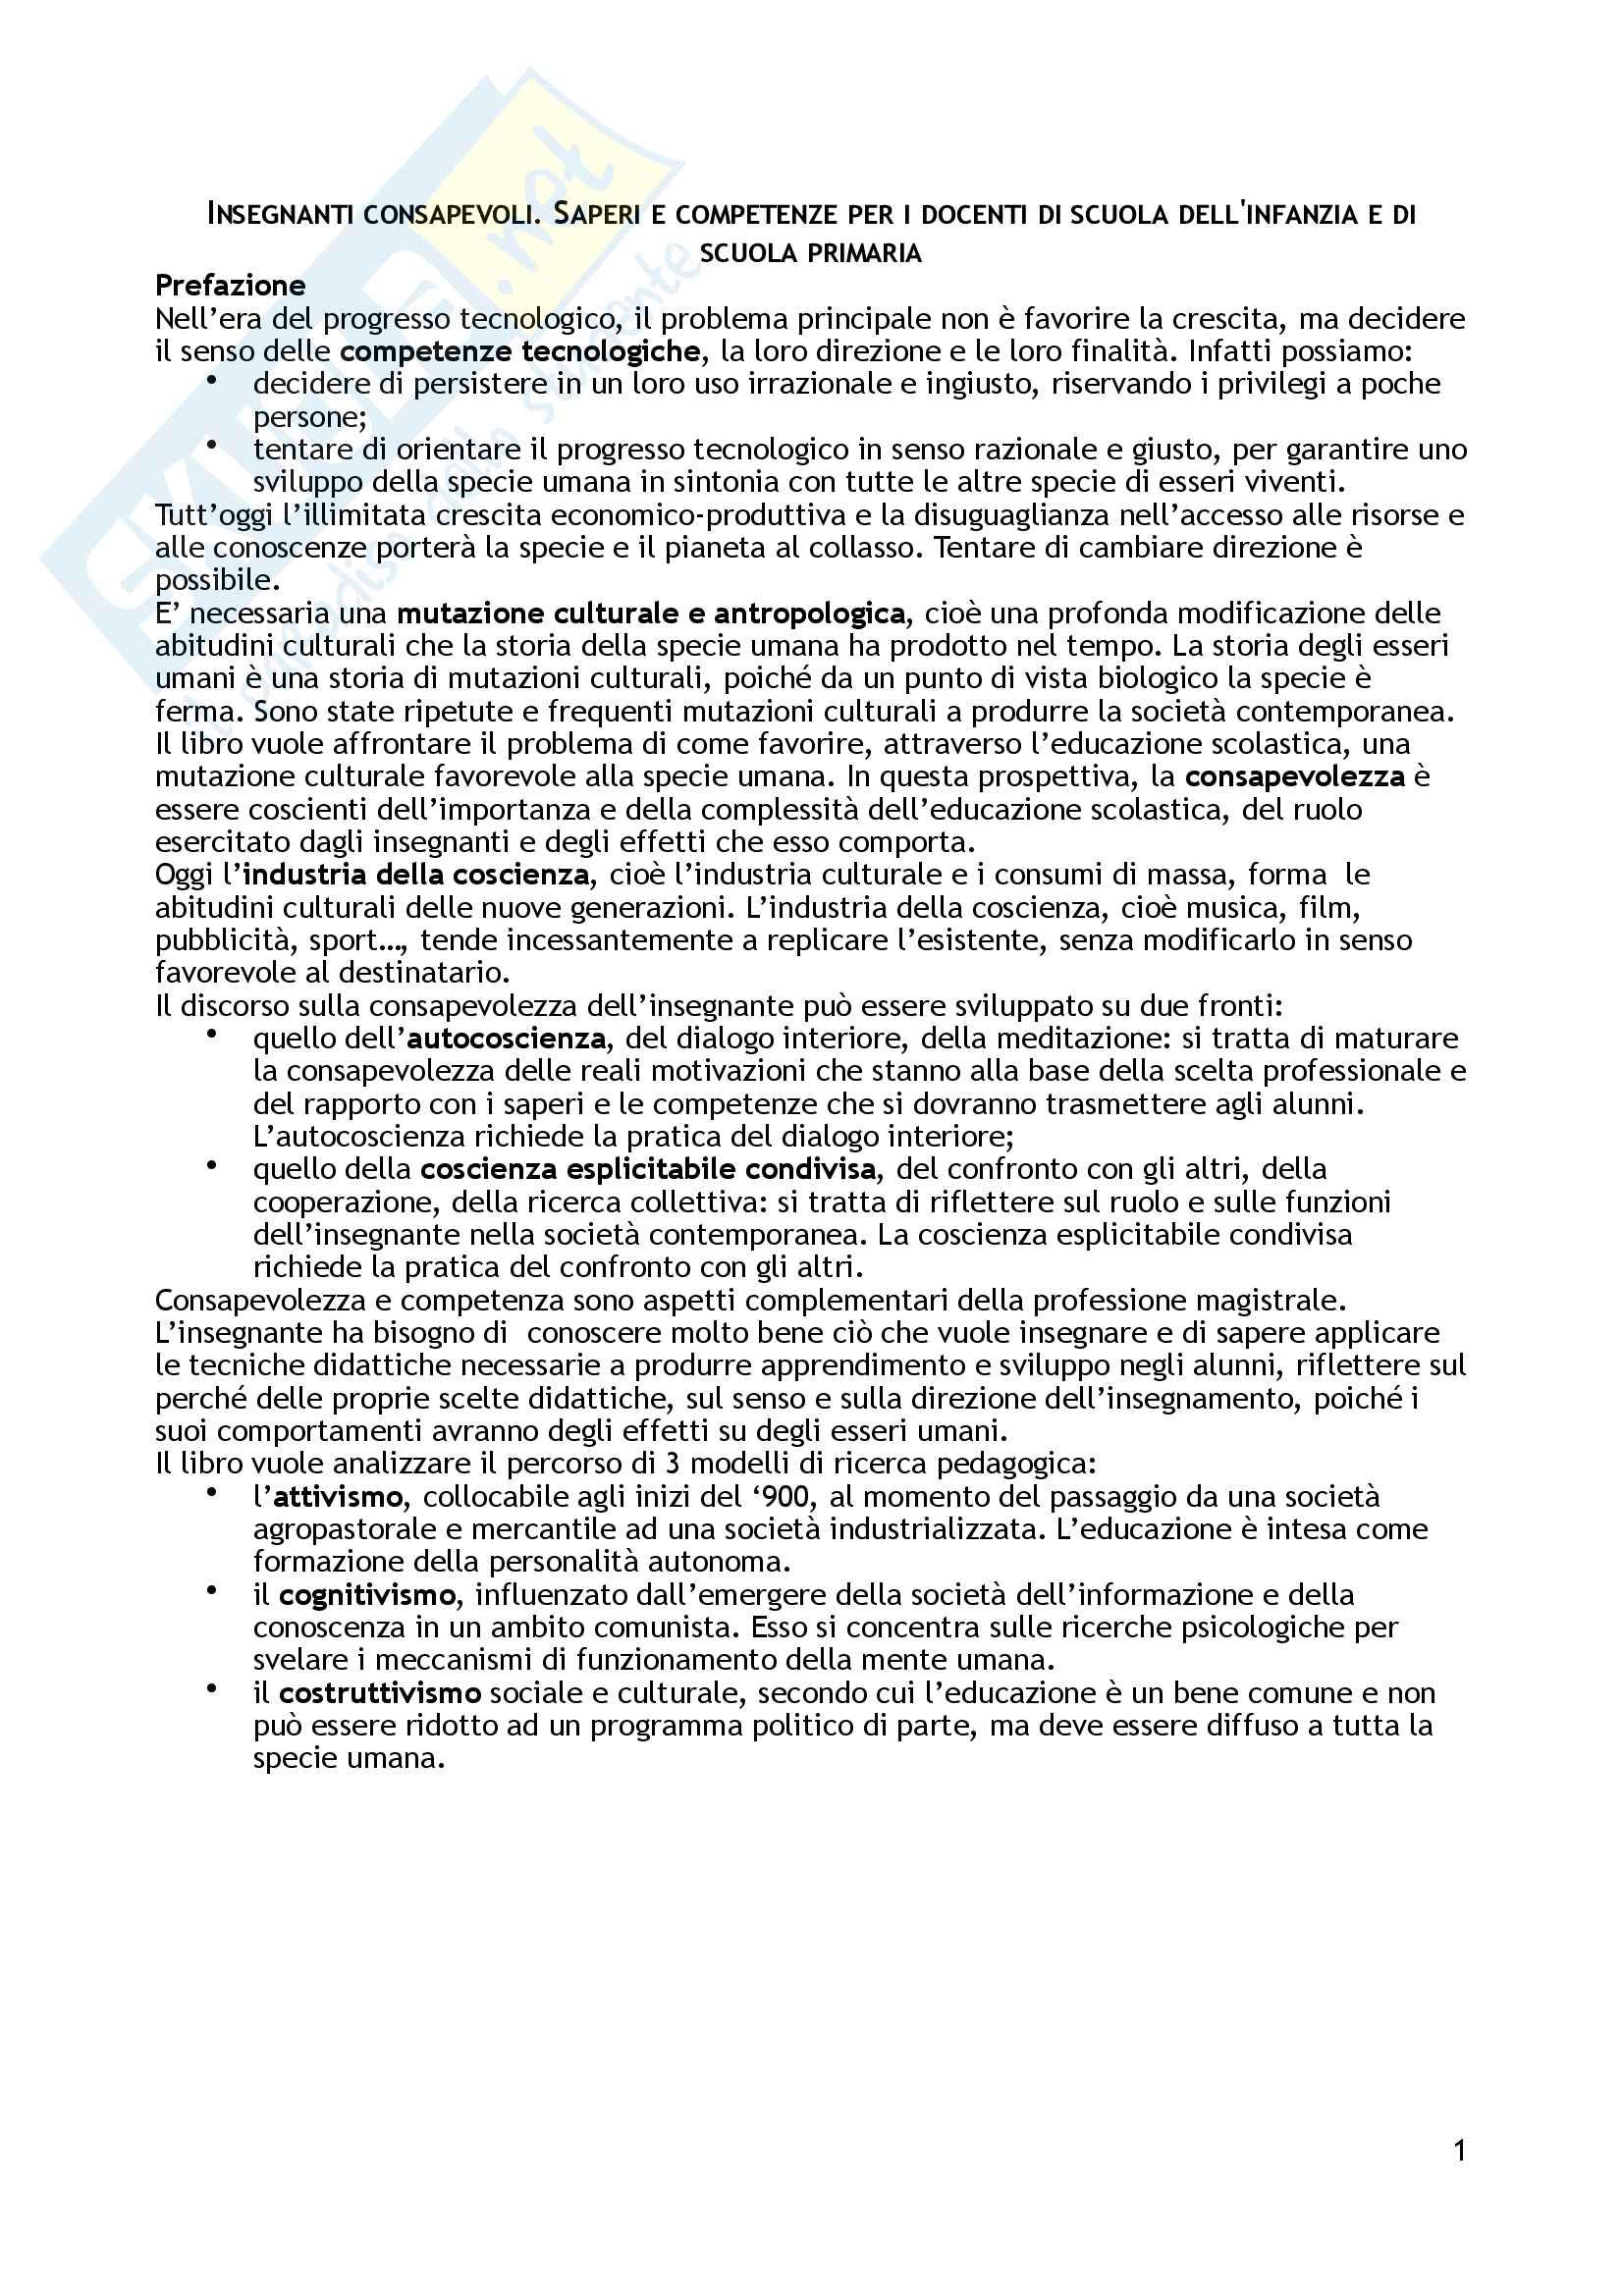 """Riassunto esame Didattica generale, prof. Giuliano Franceschini, libro consigliato """"Insegnanti consapevoli. Saperi e competenze per insegnanti di scuola dell'infanzia e di scuola primaria"""", Franceschini Giuliano"""